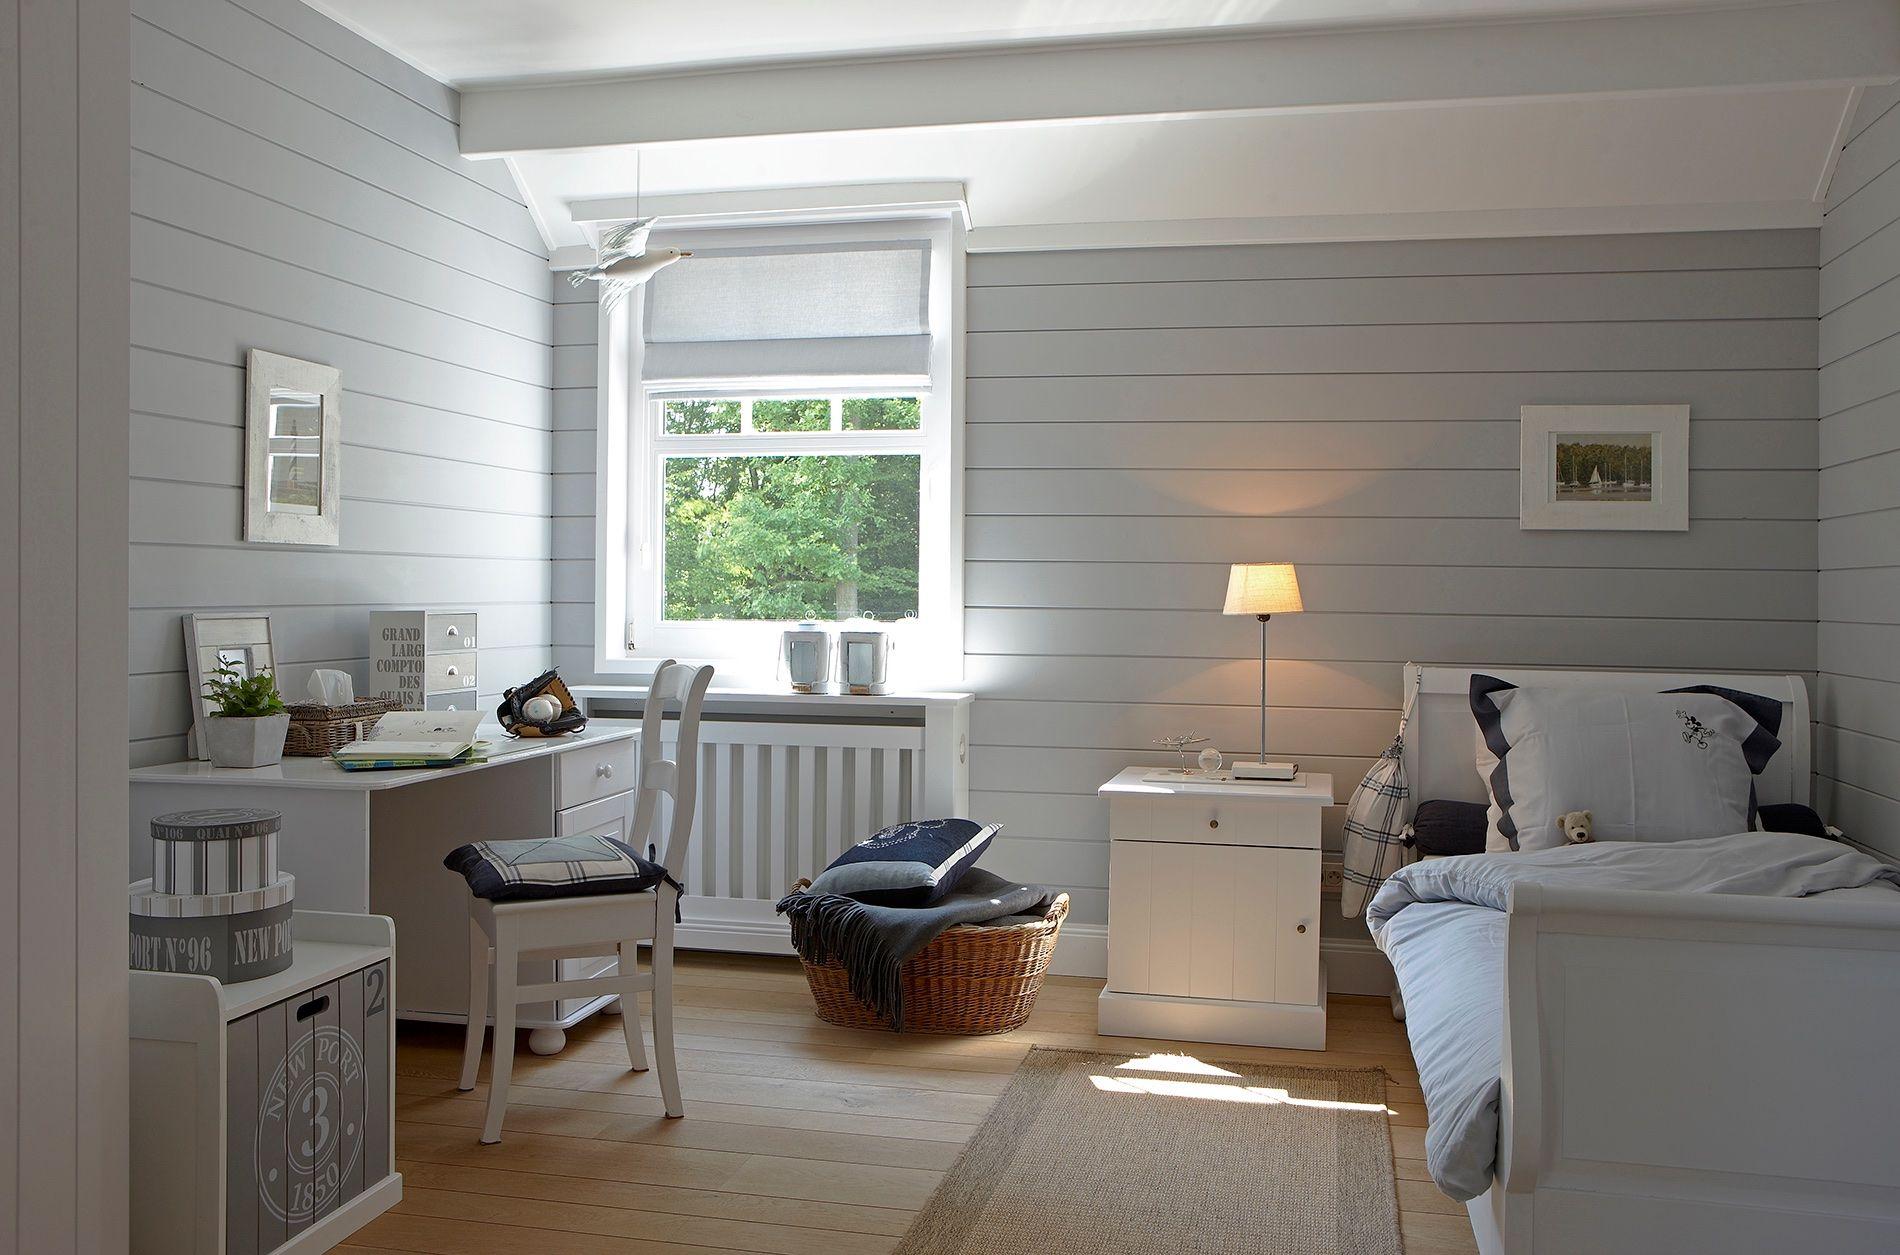 maison micasa recherche google id es pour la maison pinterest google and searching. Black Bedroom Furniture Sets. Home Design Ideas